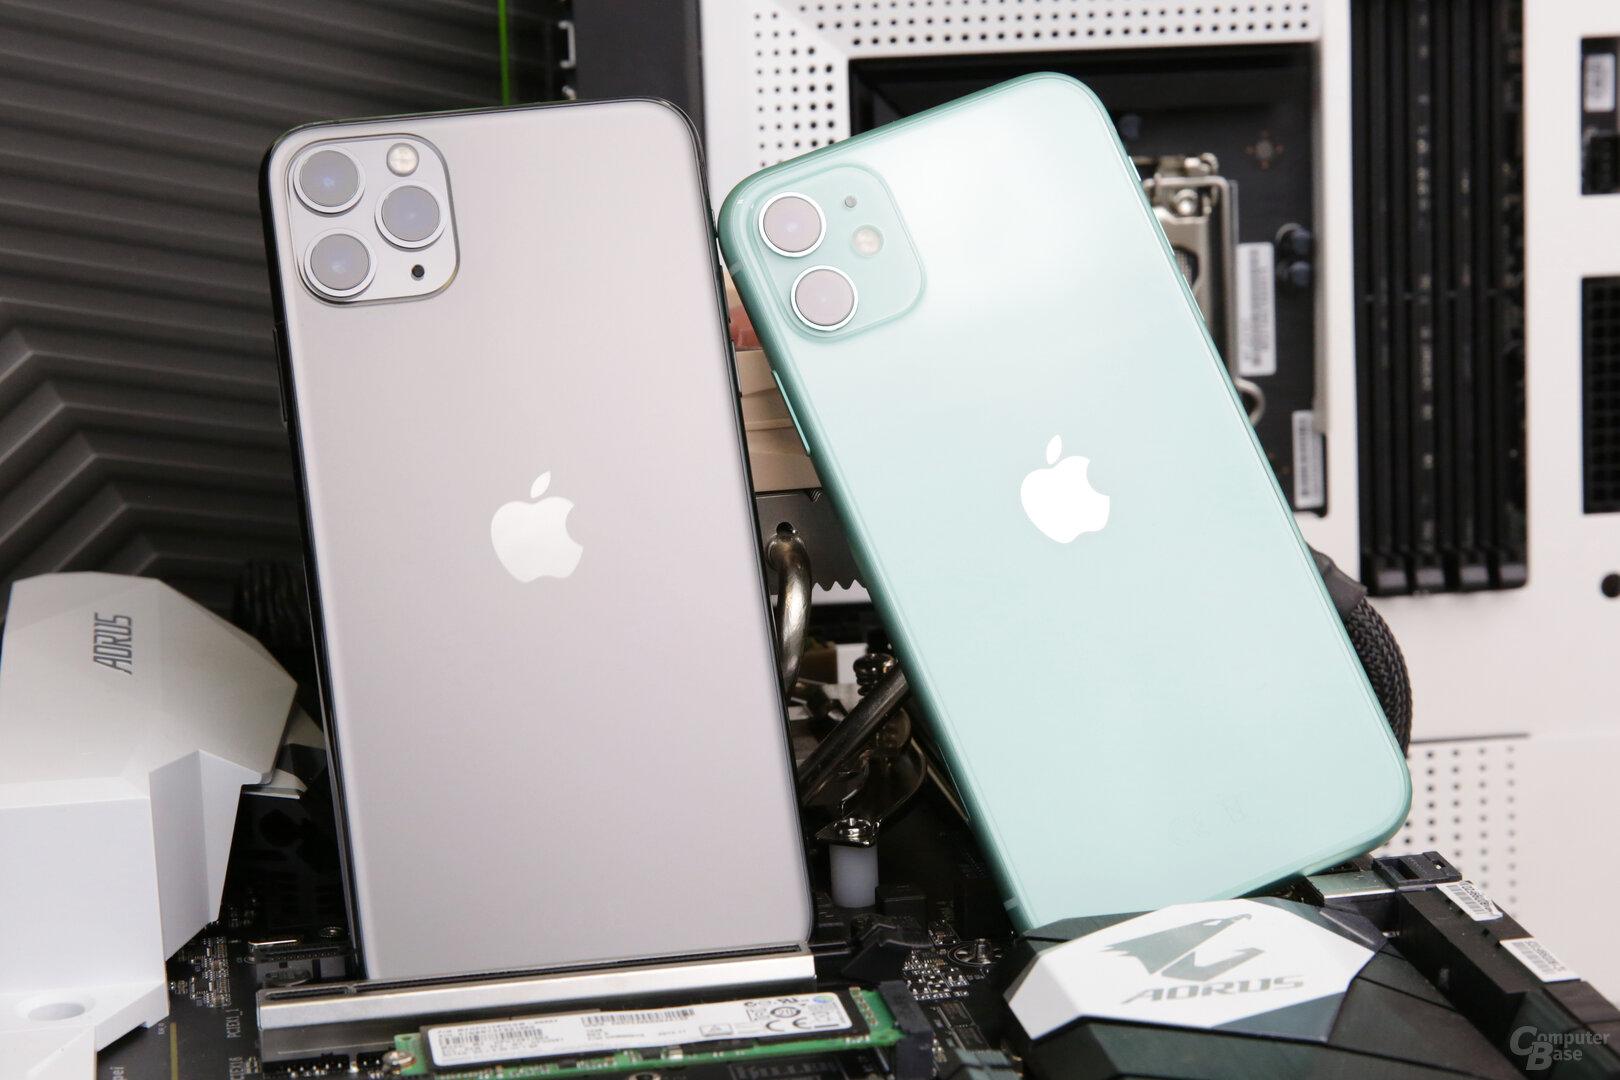 iPhone 11 Pro Max mit matter Rückseite, iPhone 11 mit glänzender